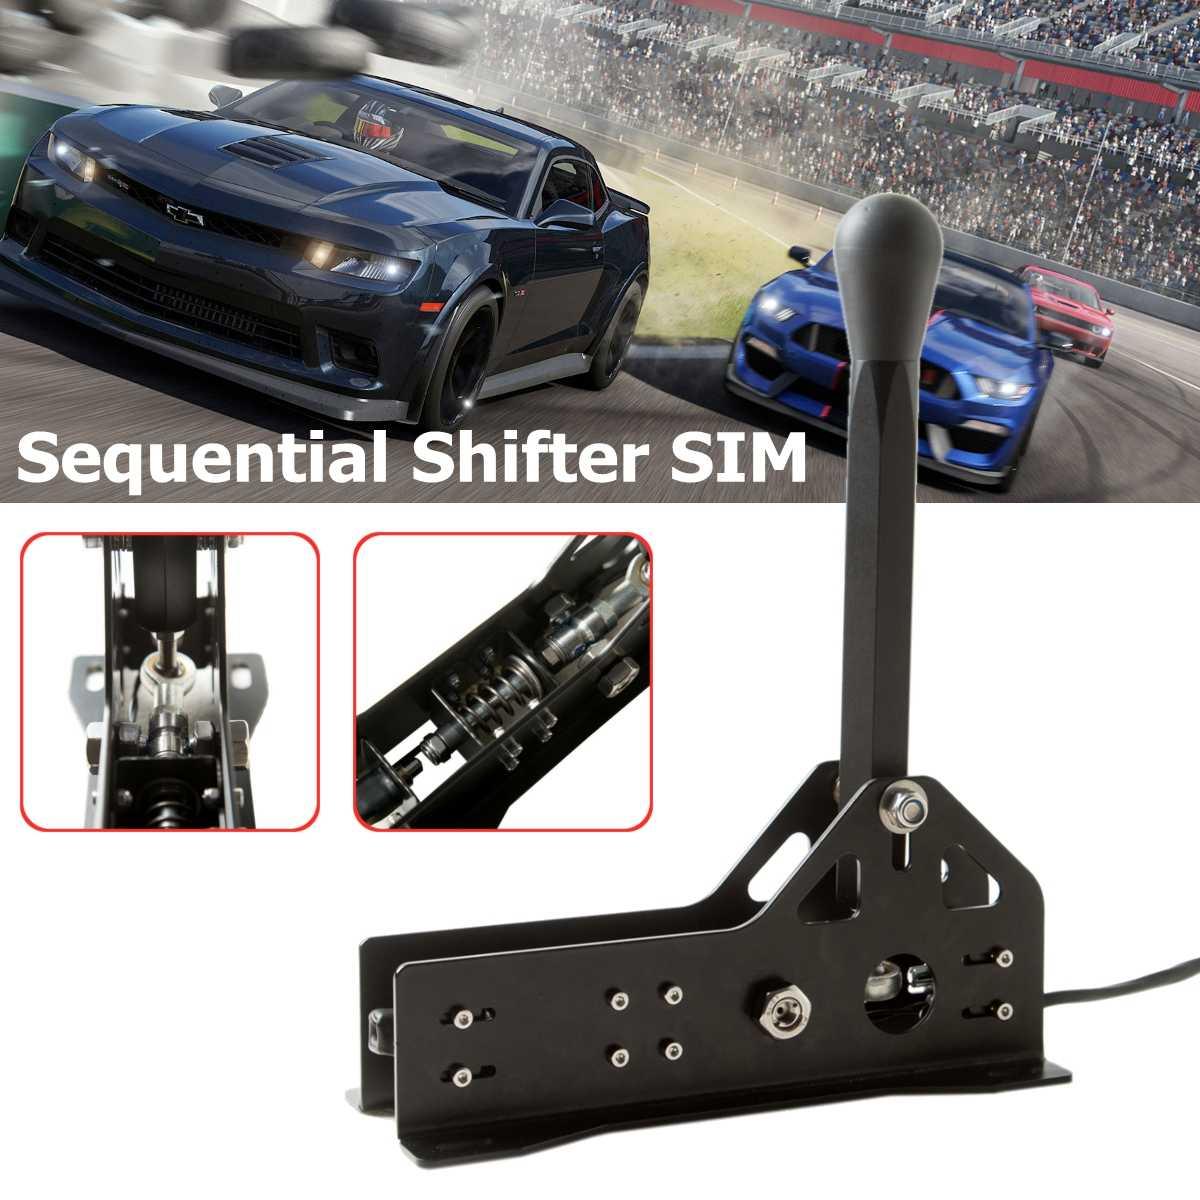 PC Jogos de Corrida do câmbio de Marchas do Câmbio Seqüencial SRS SIM para Logitech G29 G27 TH8A G25 G27 T300 T500